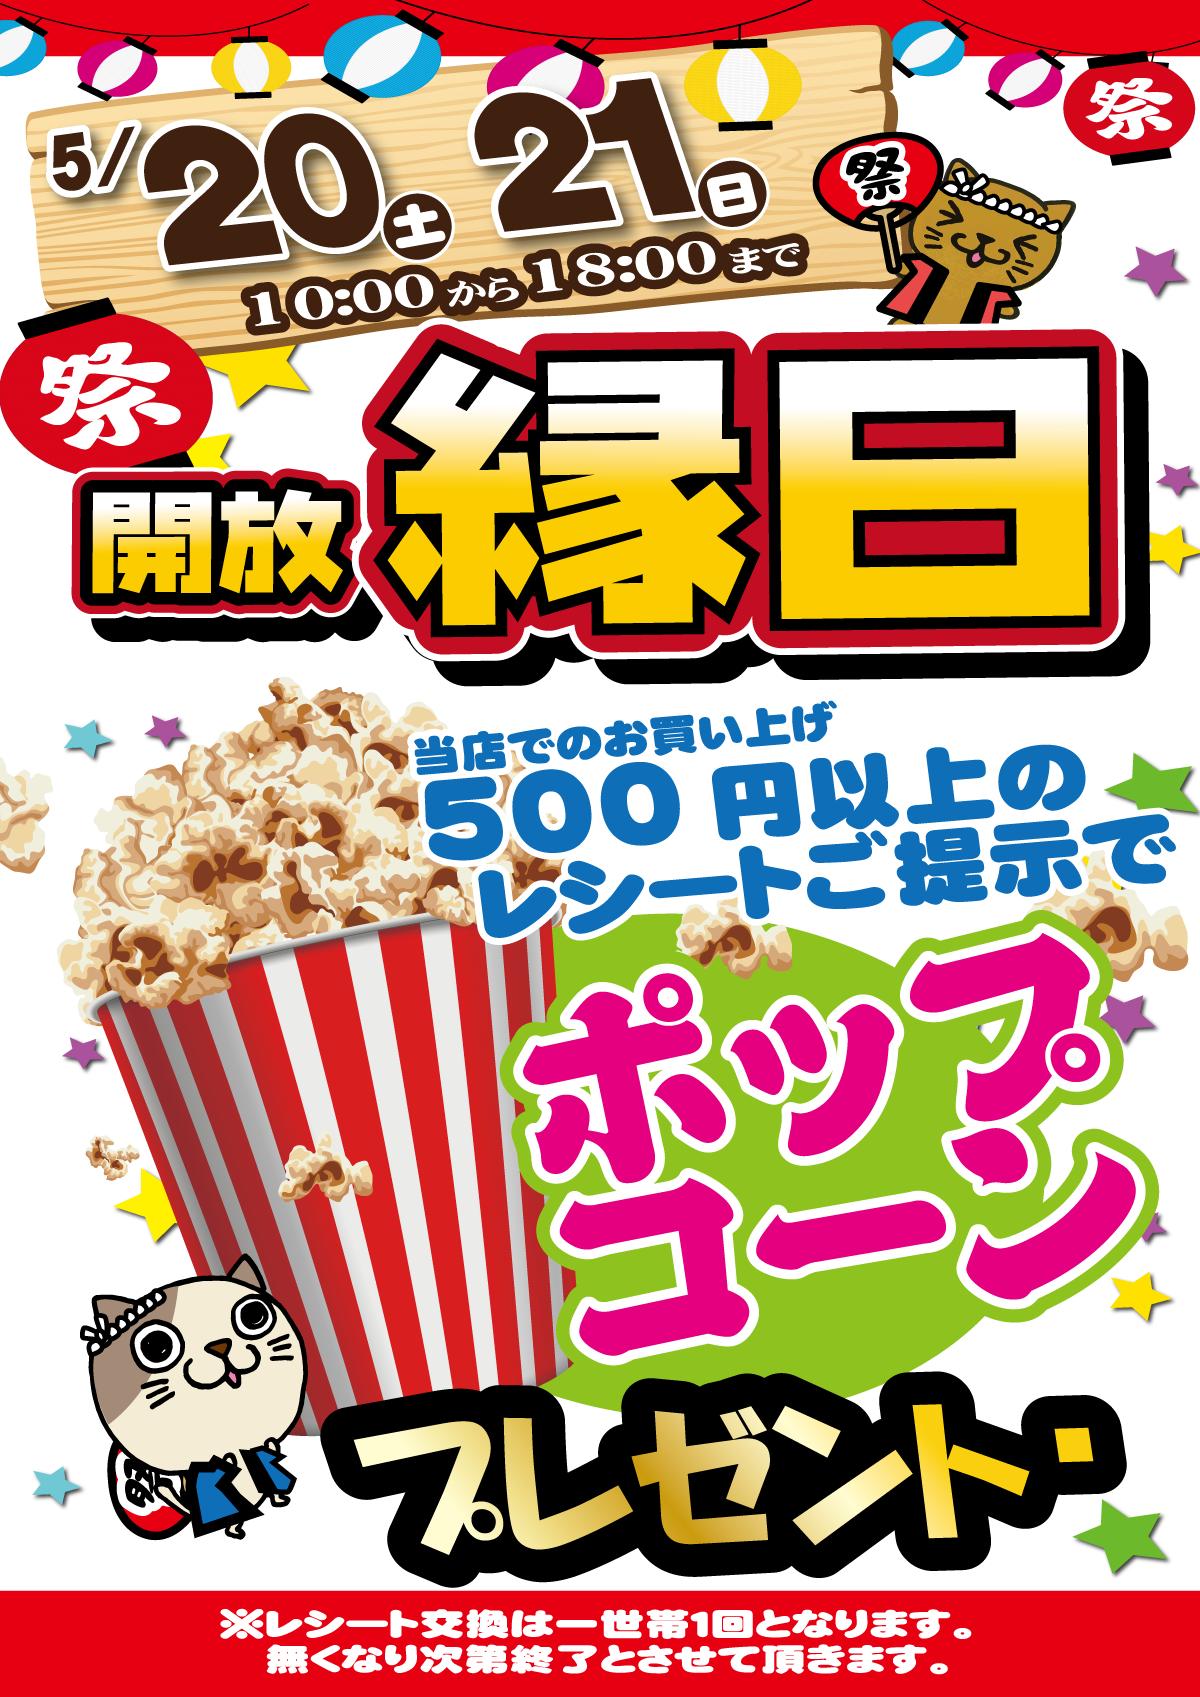 「開放倉庫桜井店」2017年5/20、21の土日2日間!10時~18時まで開放縁日開催!!